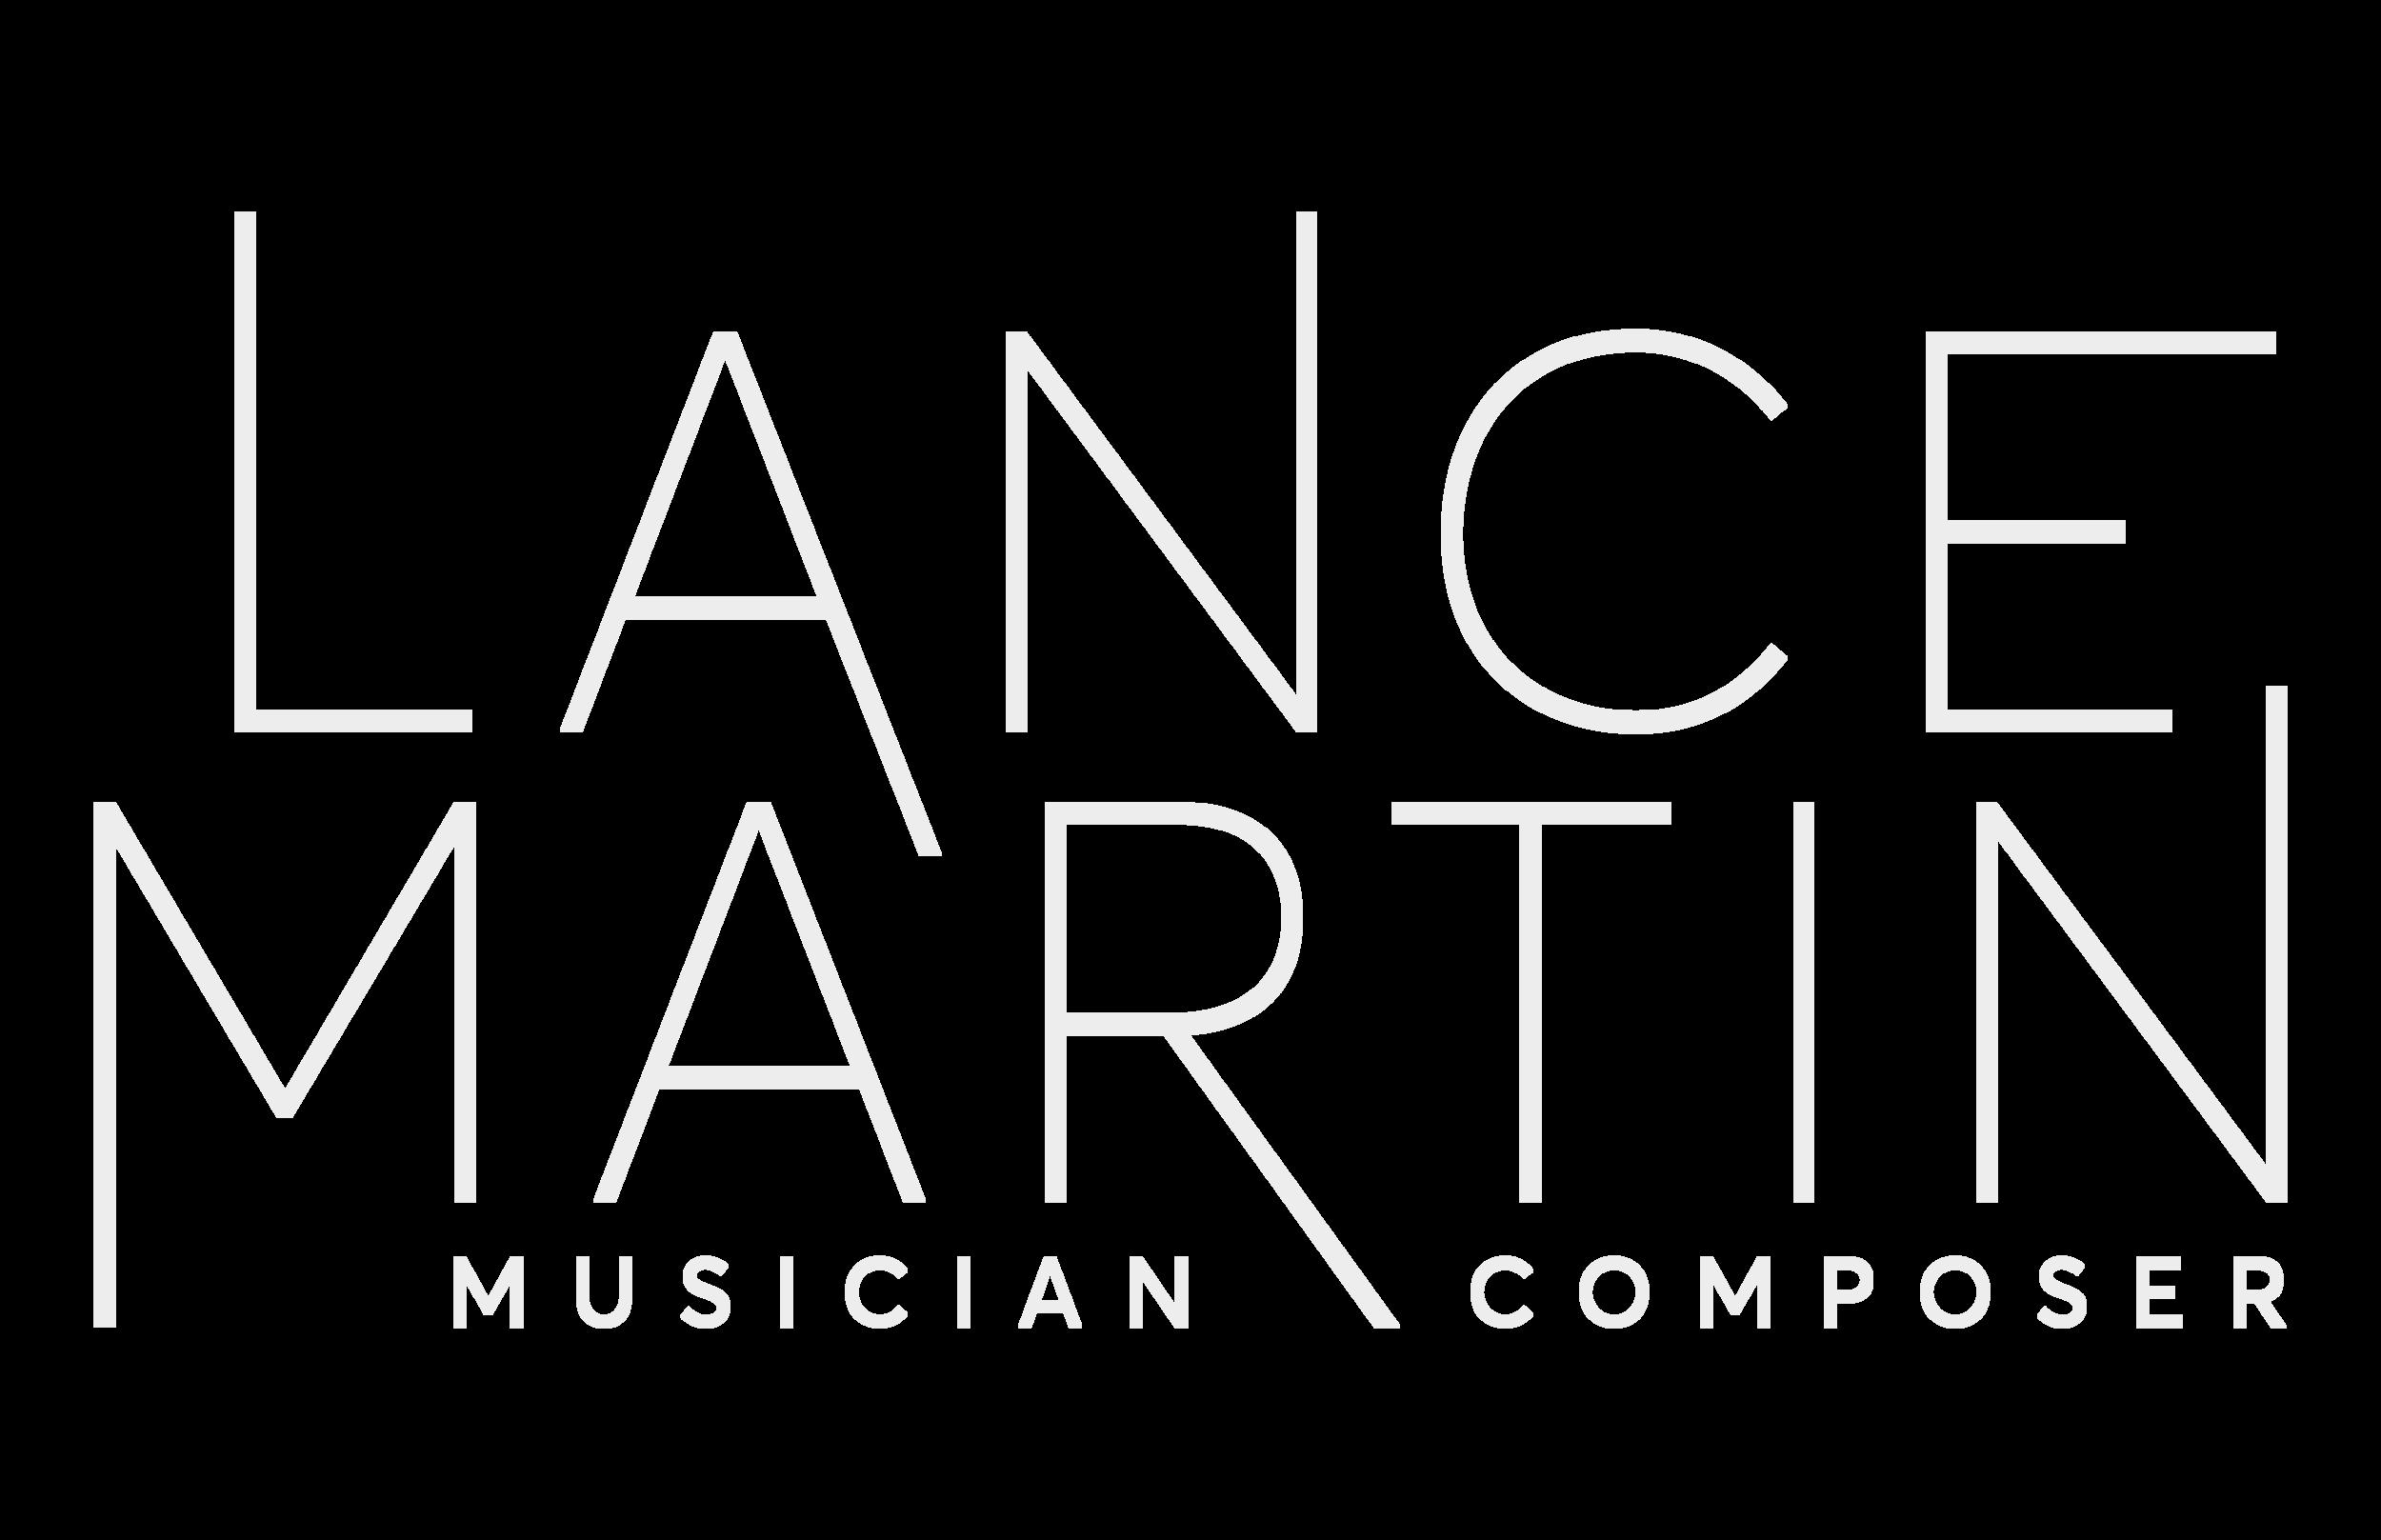 lancemartin_logo-10.png